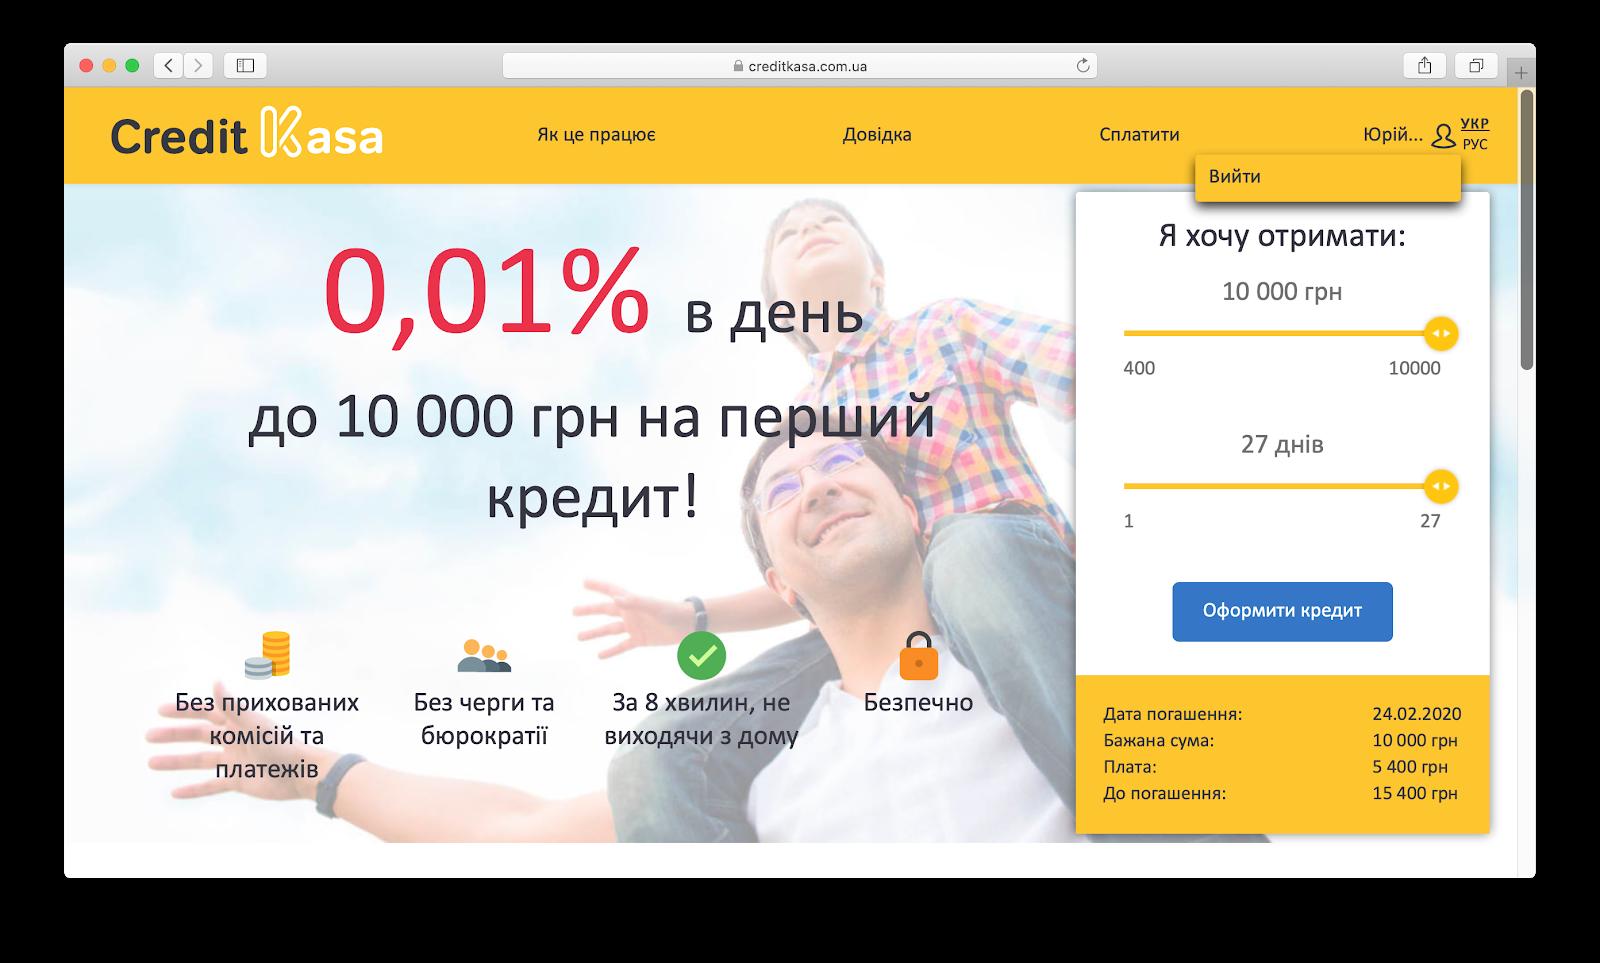 Оформить онлайн кредит в Creditkasa